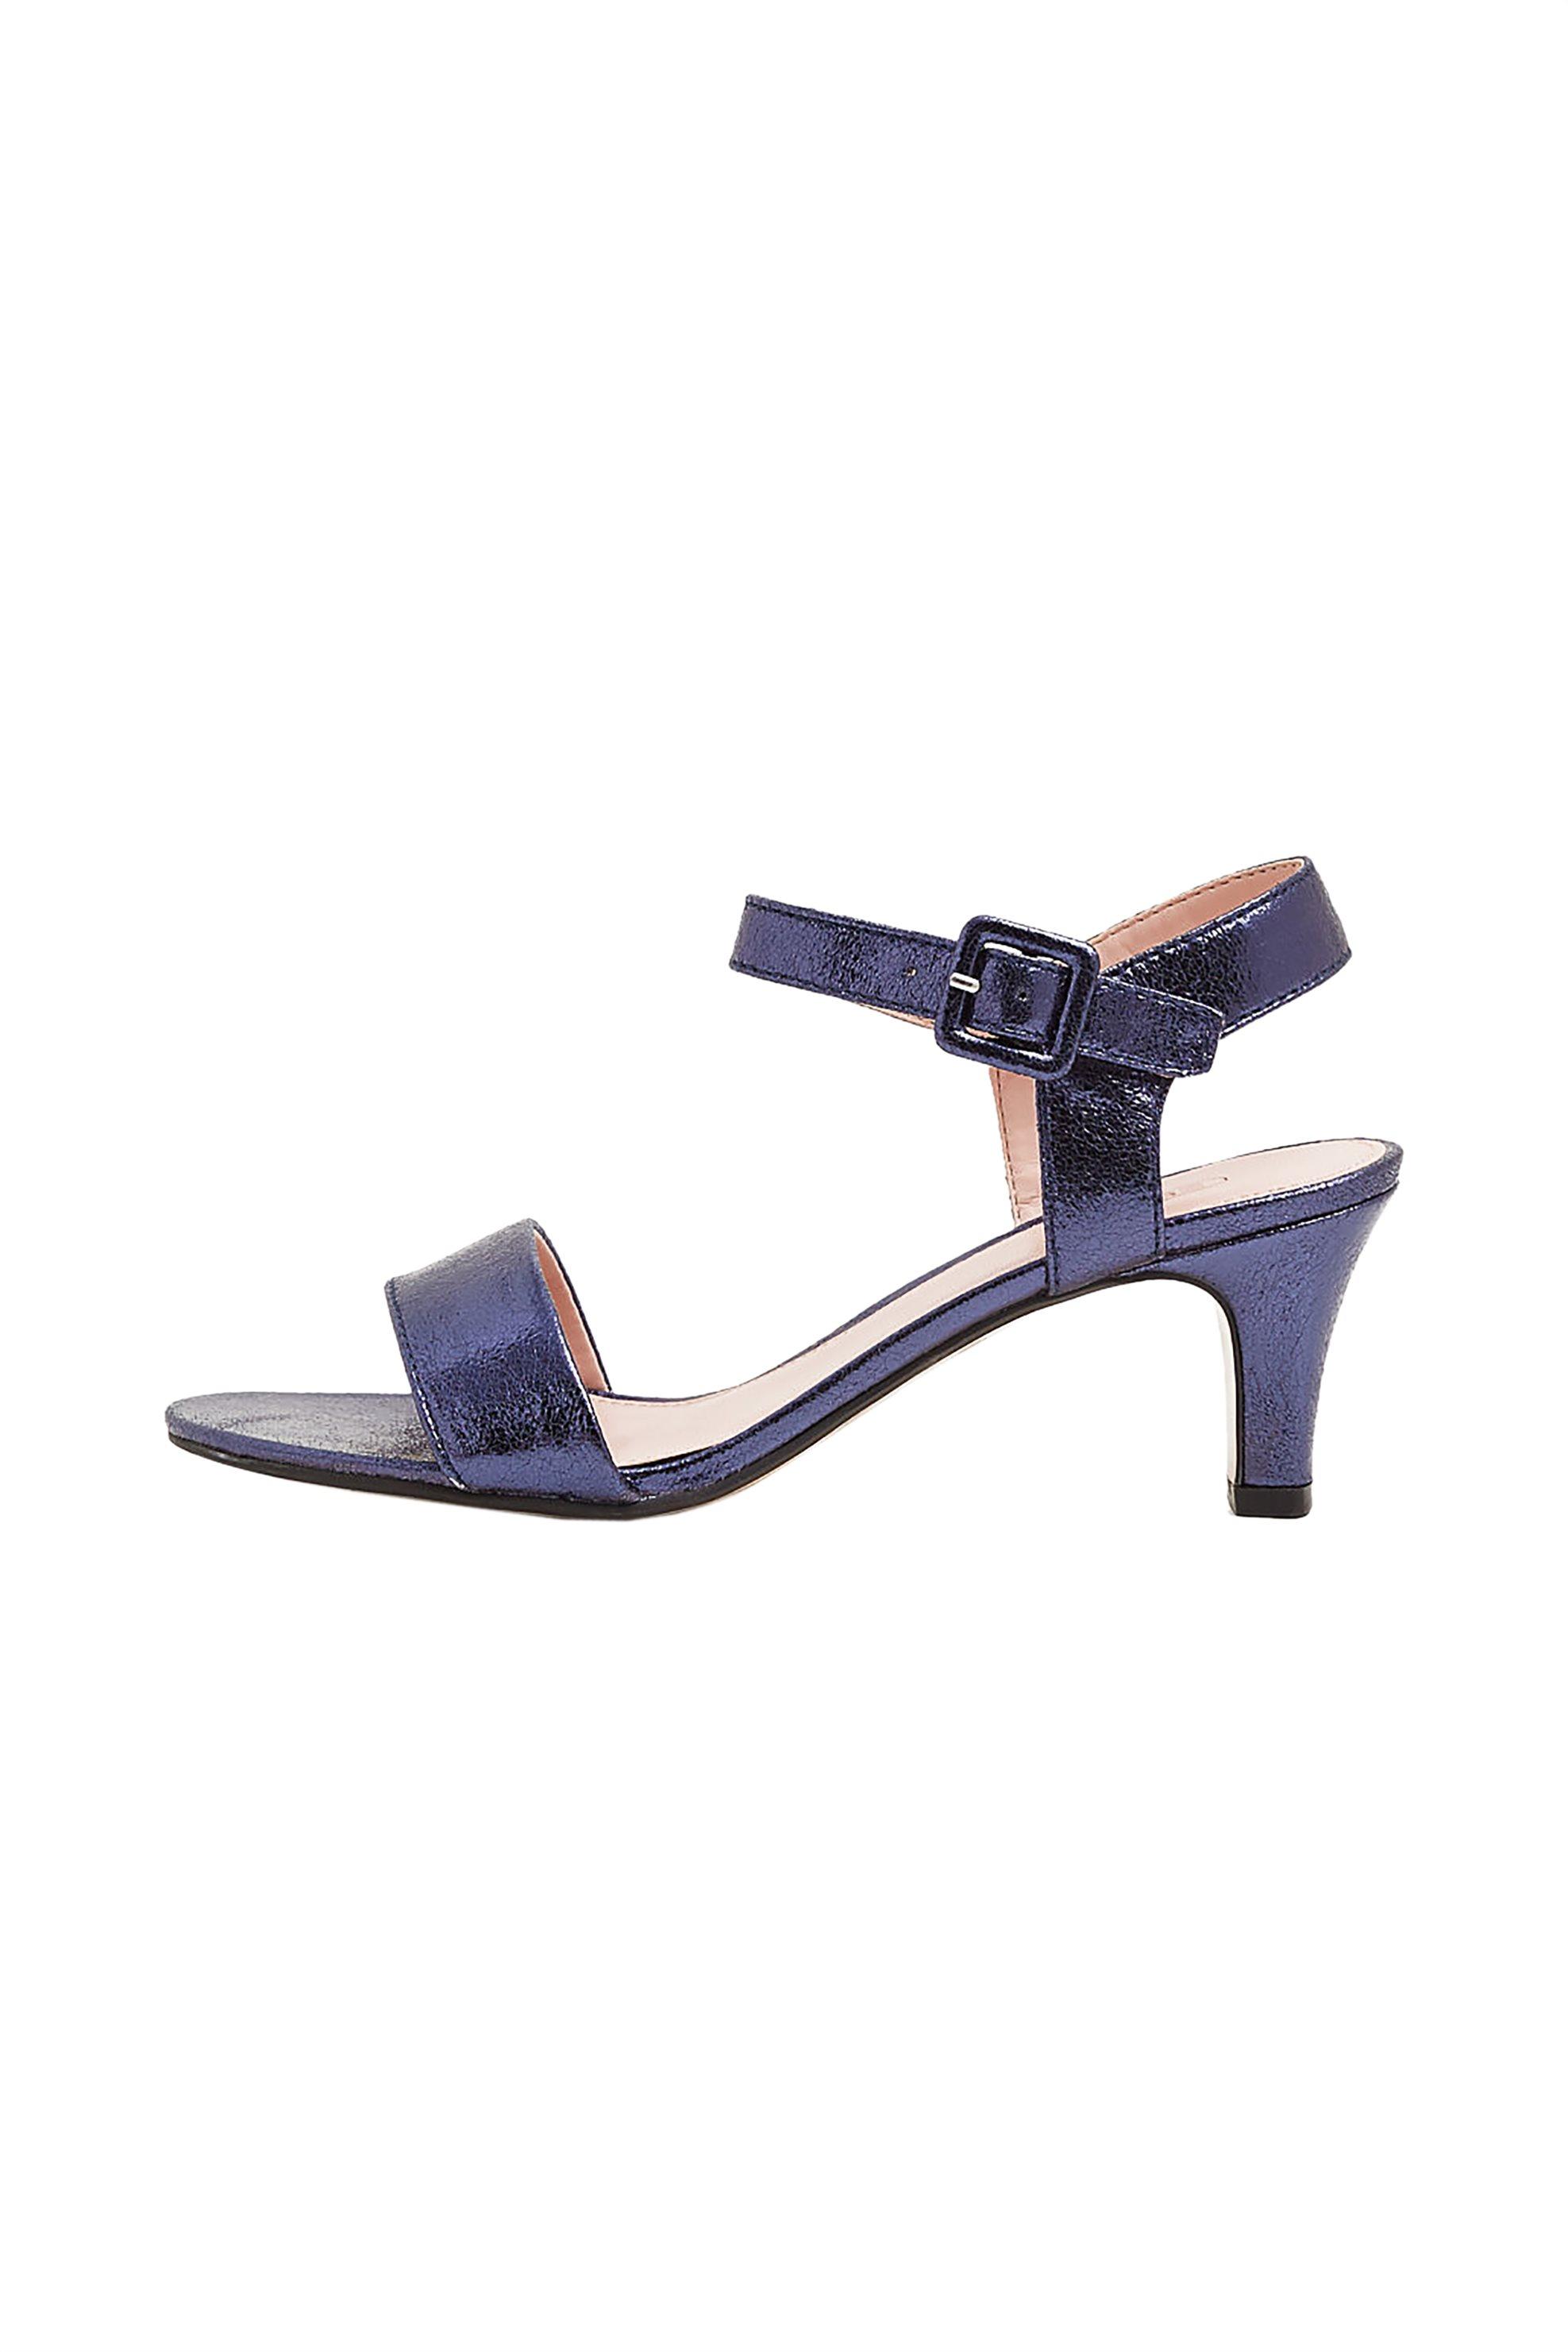 Esprit γυναικεία πέδιλα μεταλλιζέ - 049EK1W012 - Μπλε Σκούρο